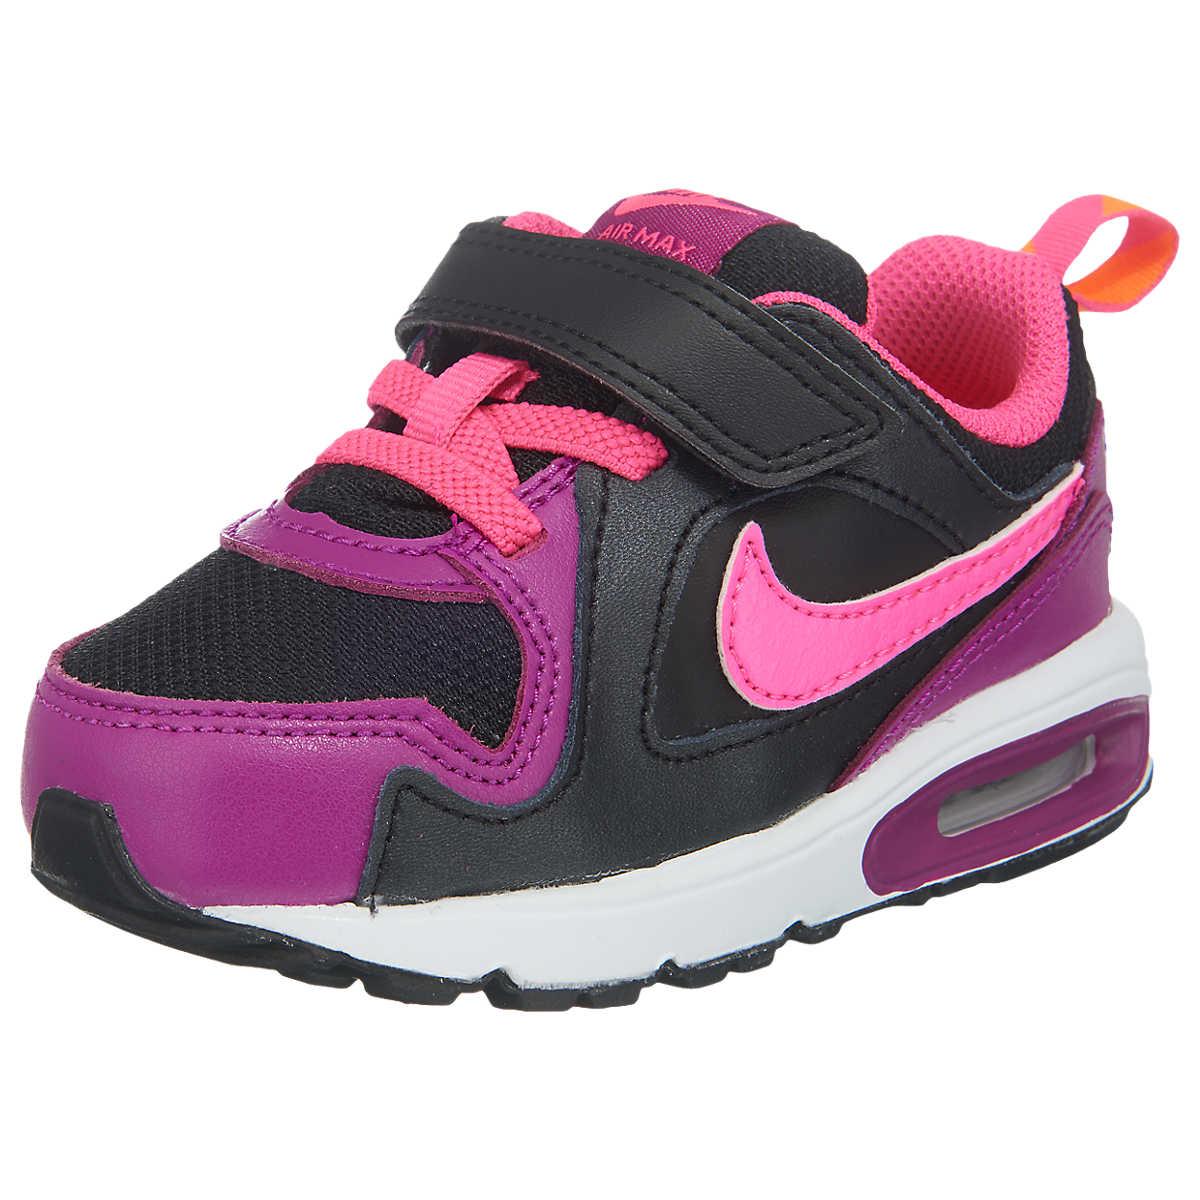 NIKE Air Max Trax Sneaker für Kinder lila Mädchen